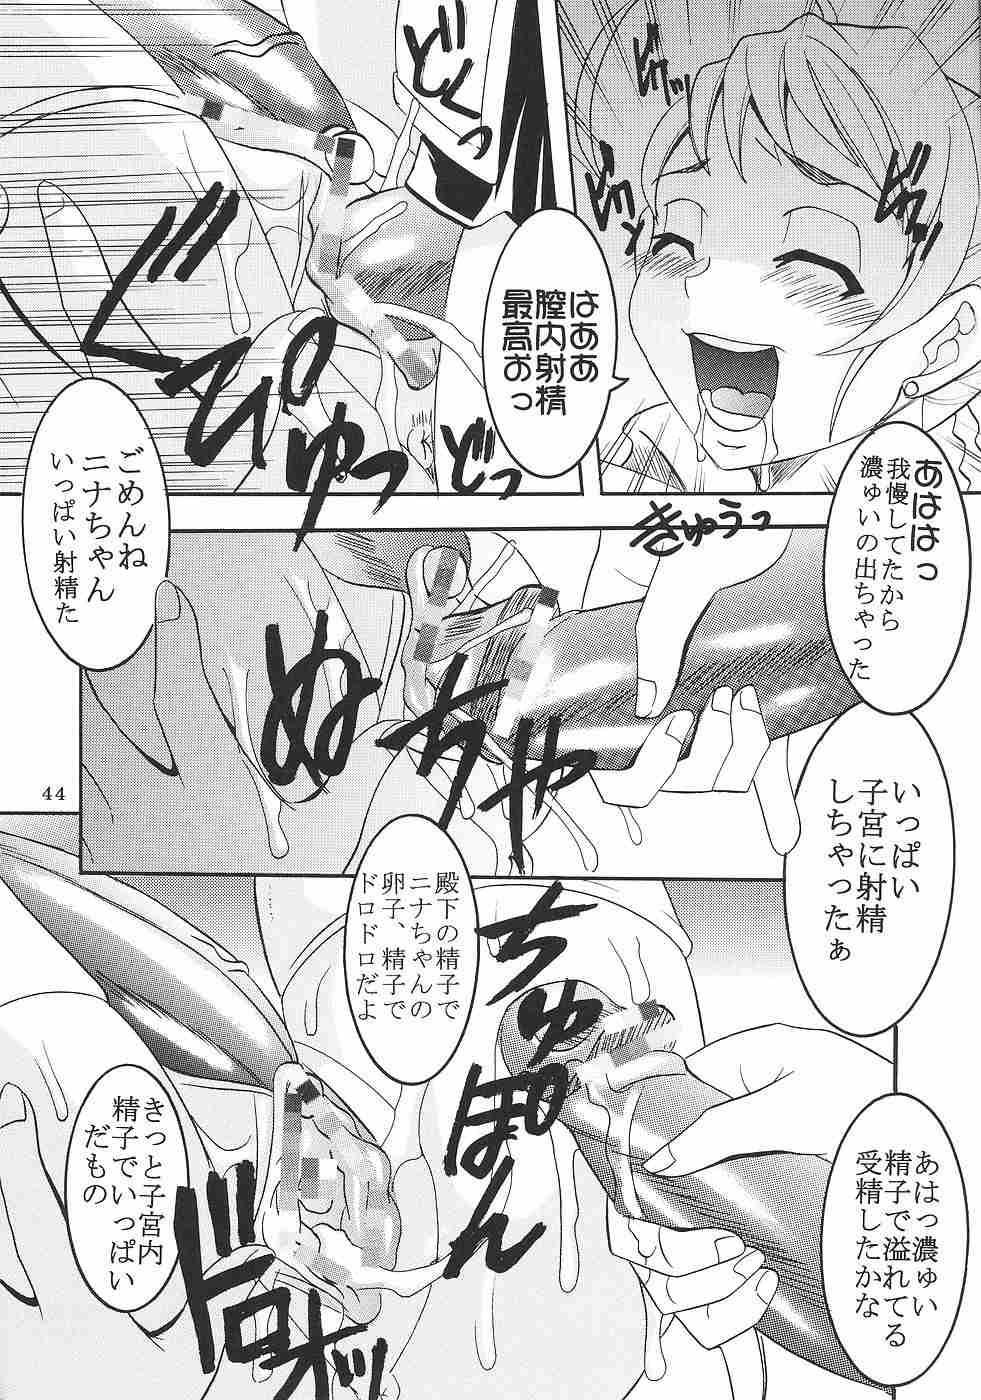 Shakume No Mai Otsukamichu 2 44